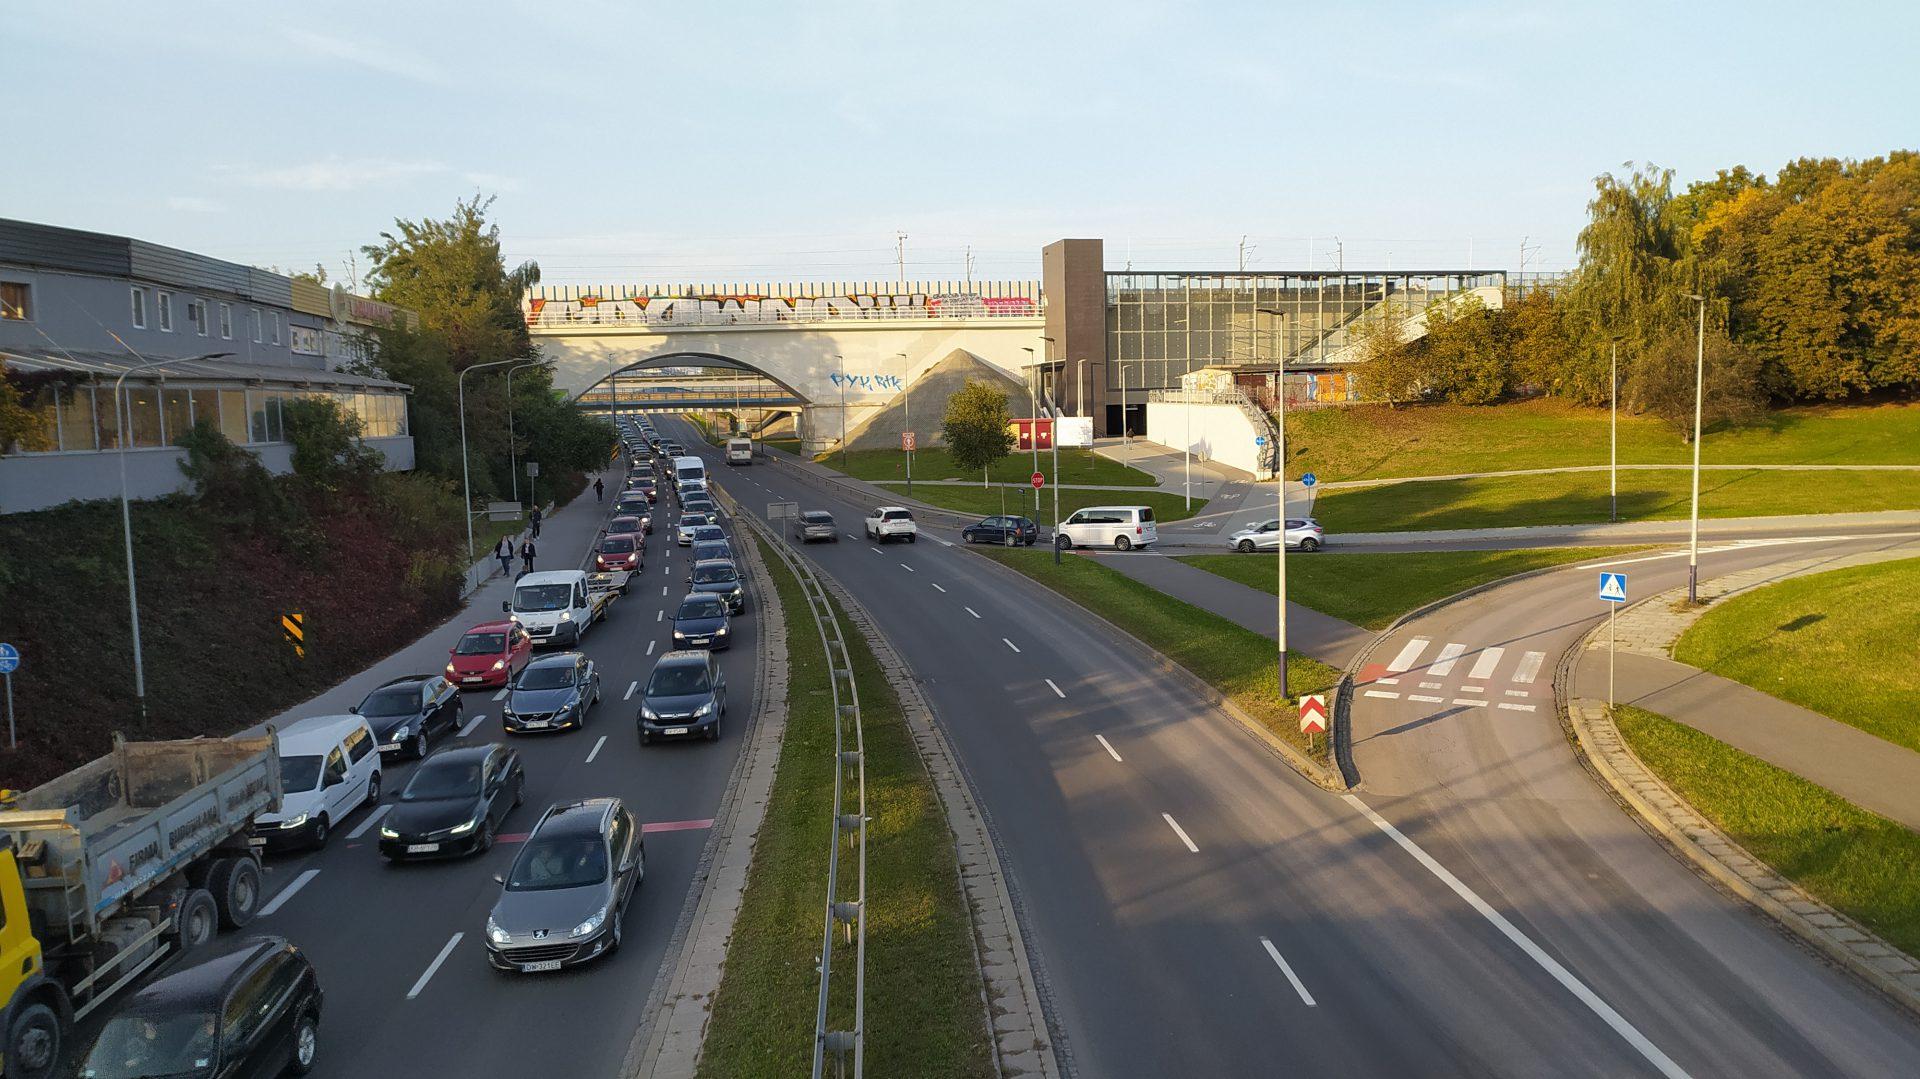 Stacja kolejowa w Bronowicach. Łukasz Franek mówi, że przyszłość jest w kolei miejskiej